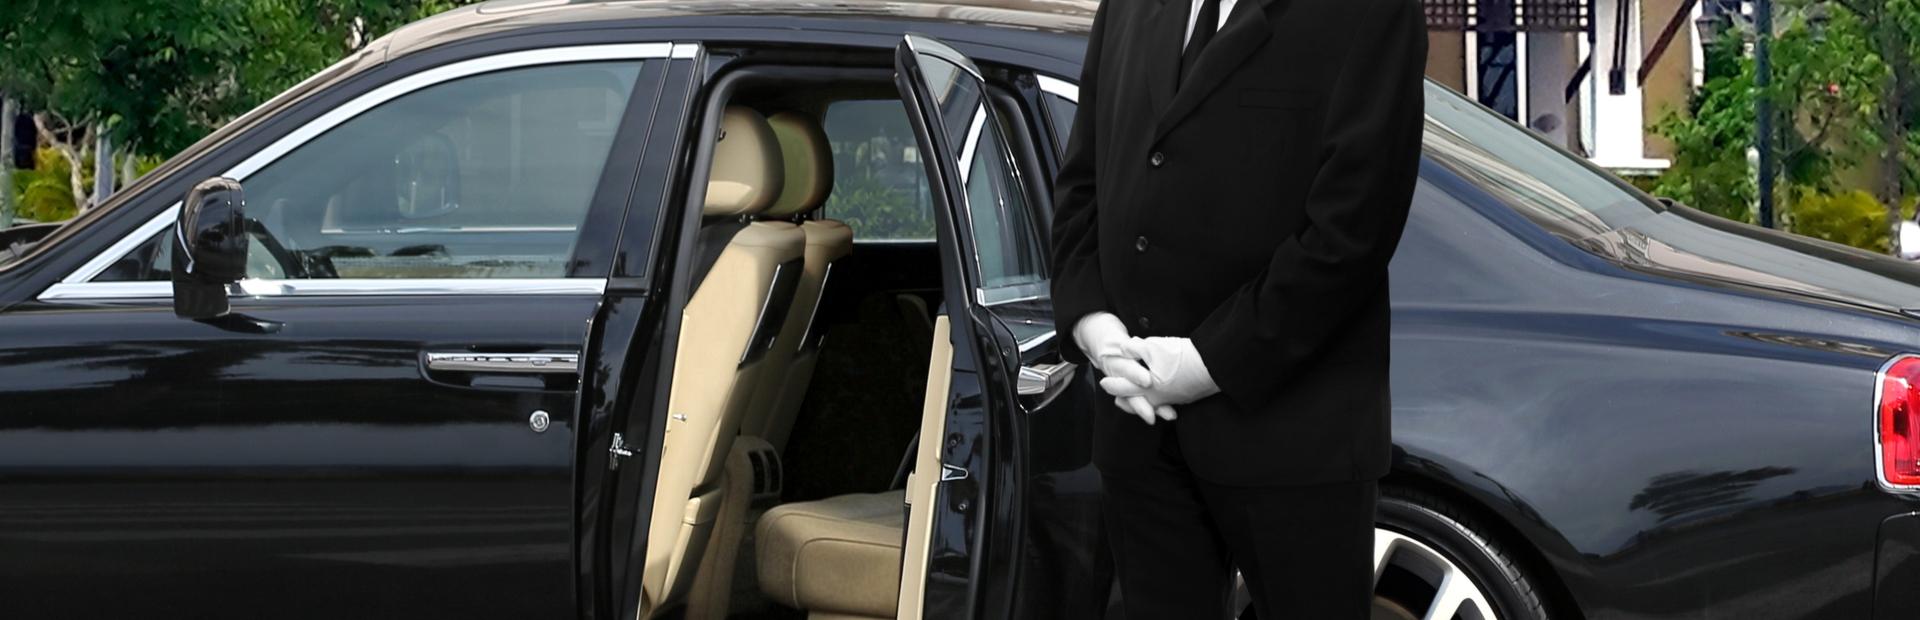 Rolls Royce wedding car hire